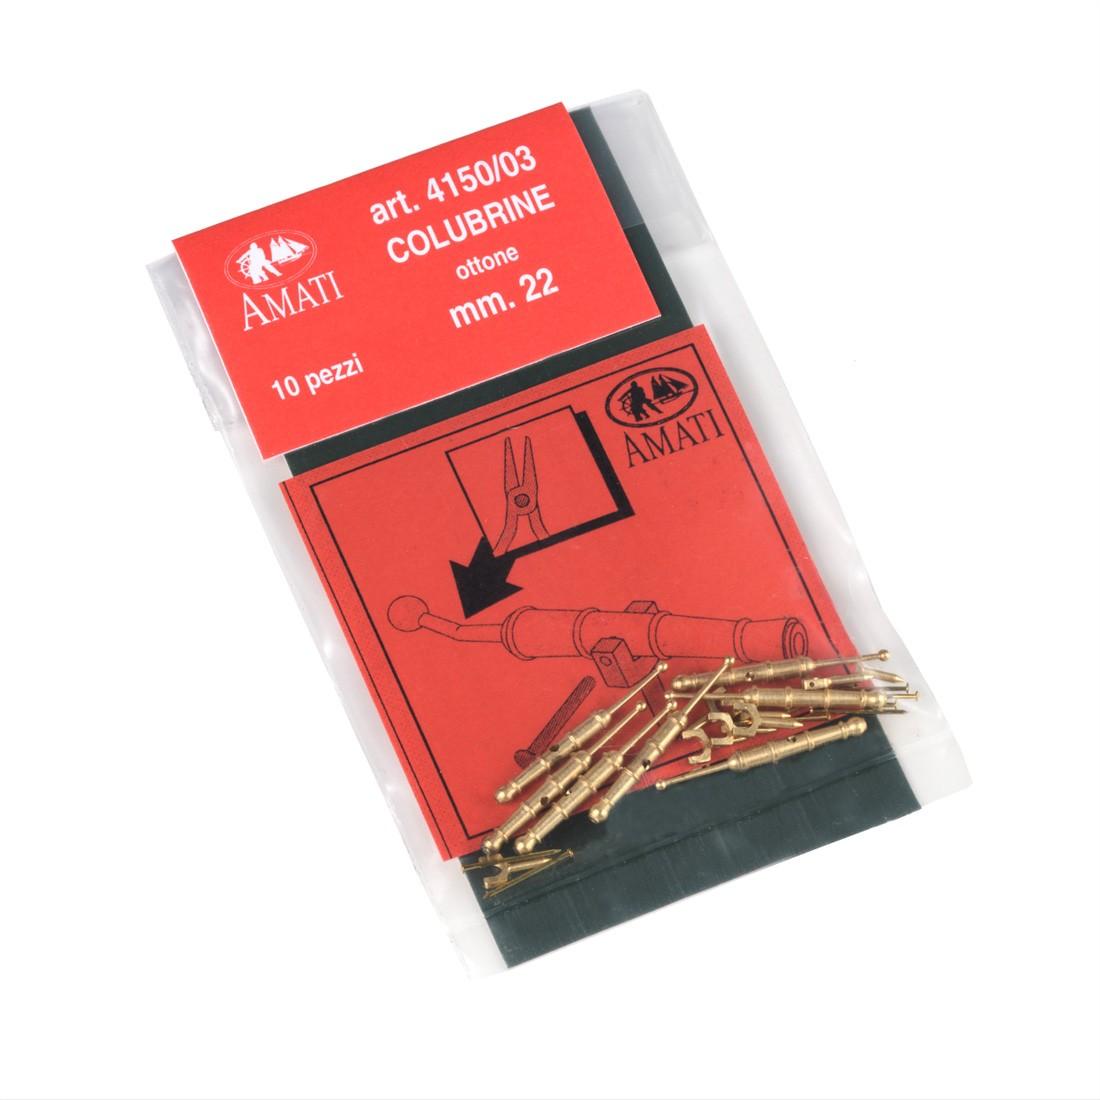 Colubrine ottone tipo A mm. 22